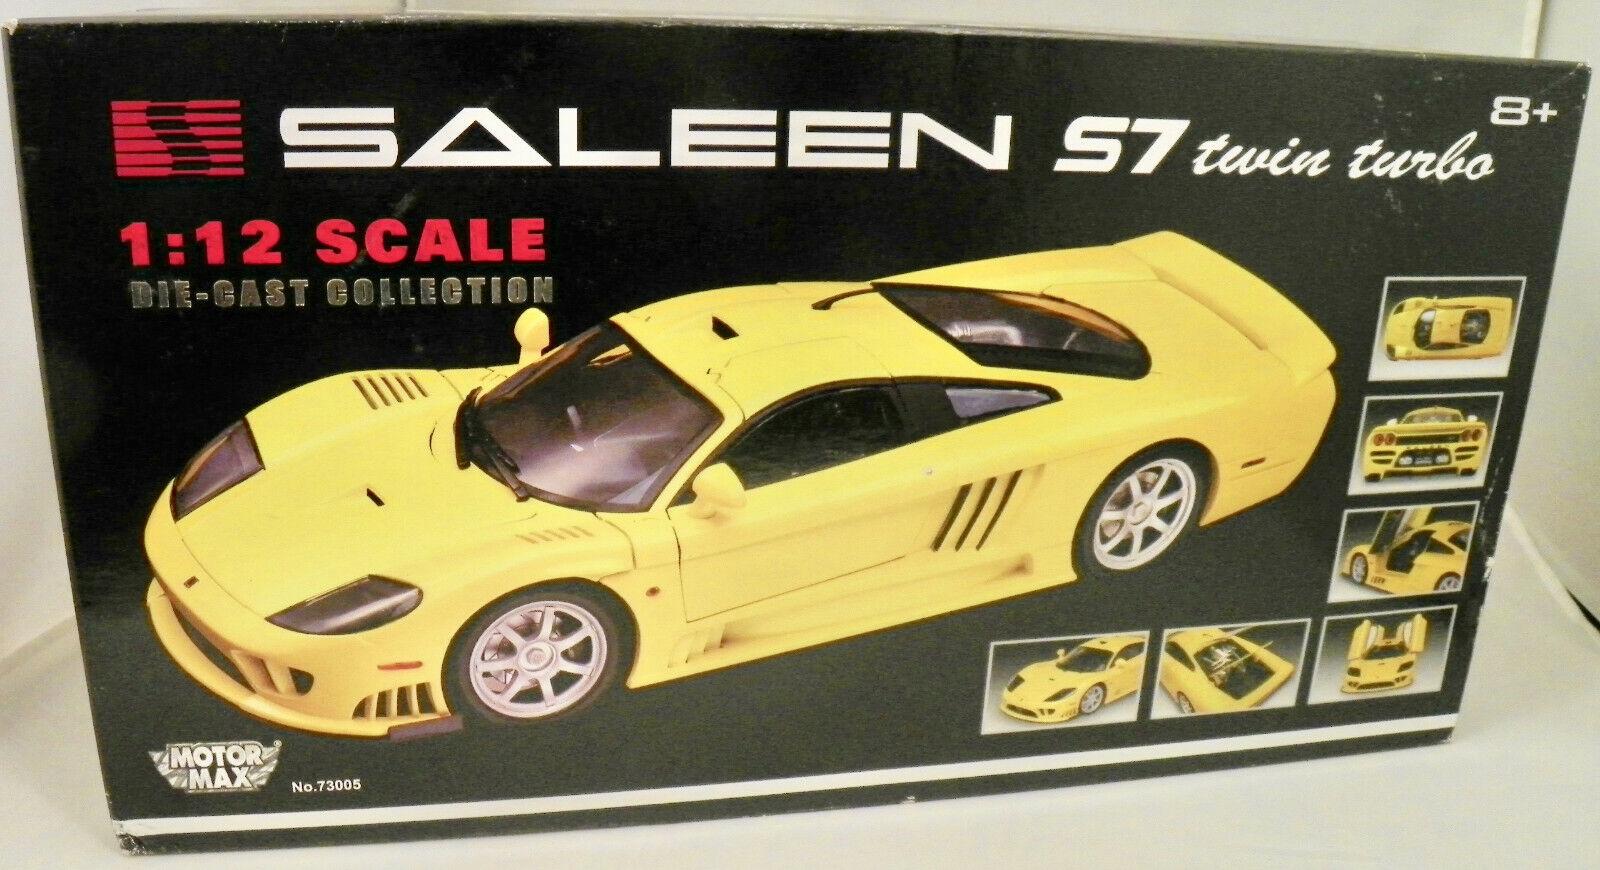 classico senza tempo Motormax 1 12 Scale Die-Cast Collection SALEEN S7 twin twin twin turbo - nuovo - Un-Opened  spedizione veloce a te